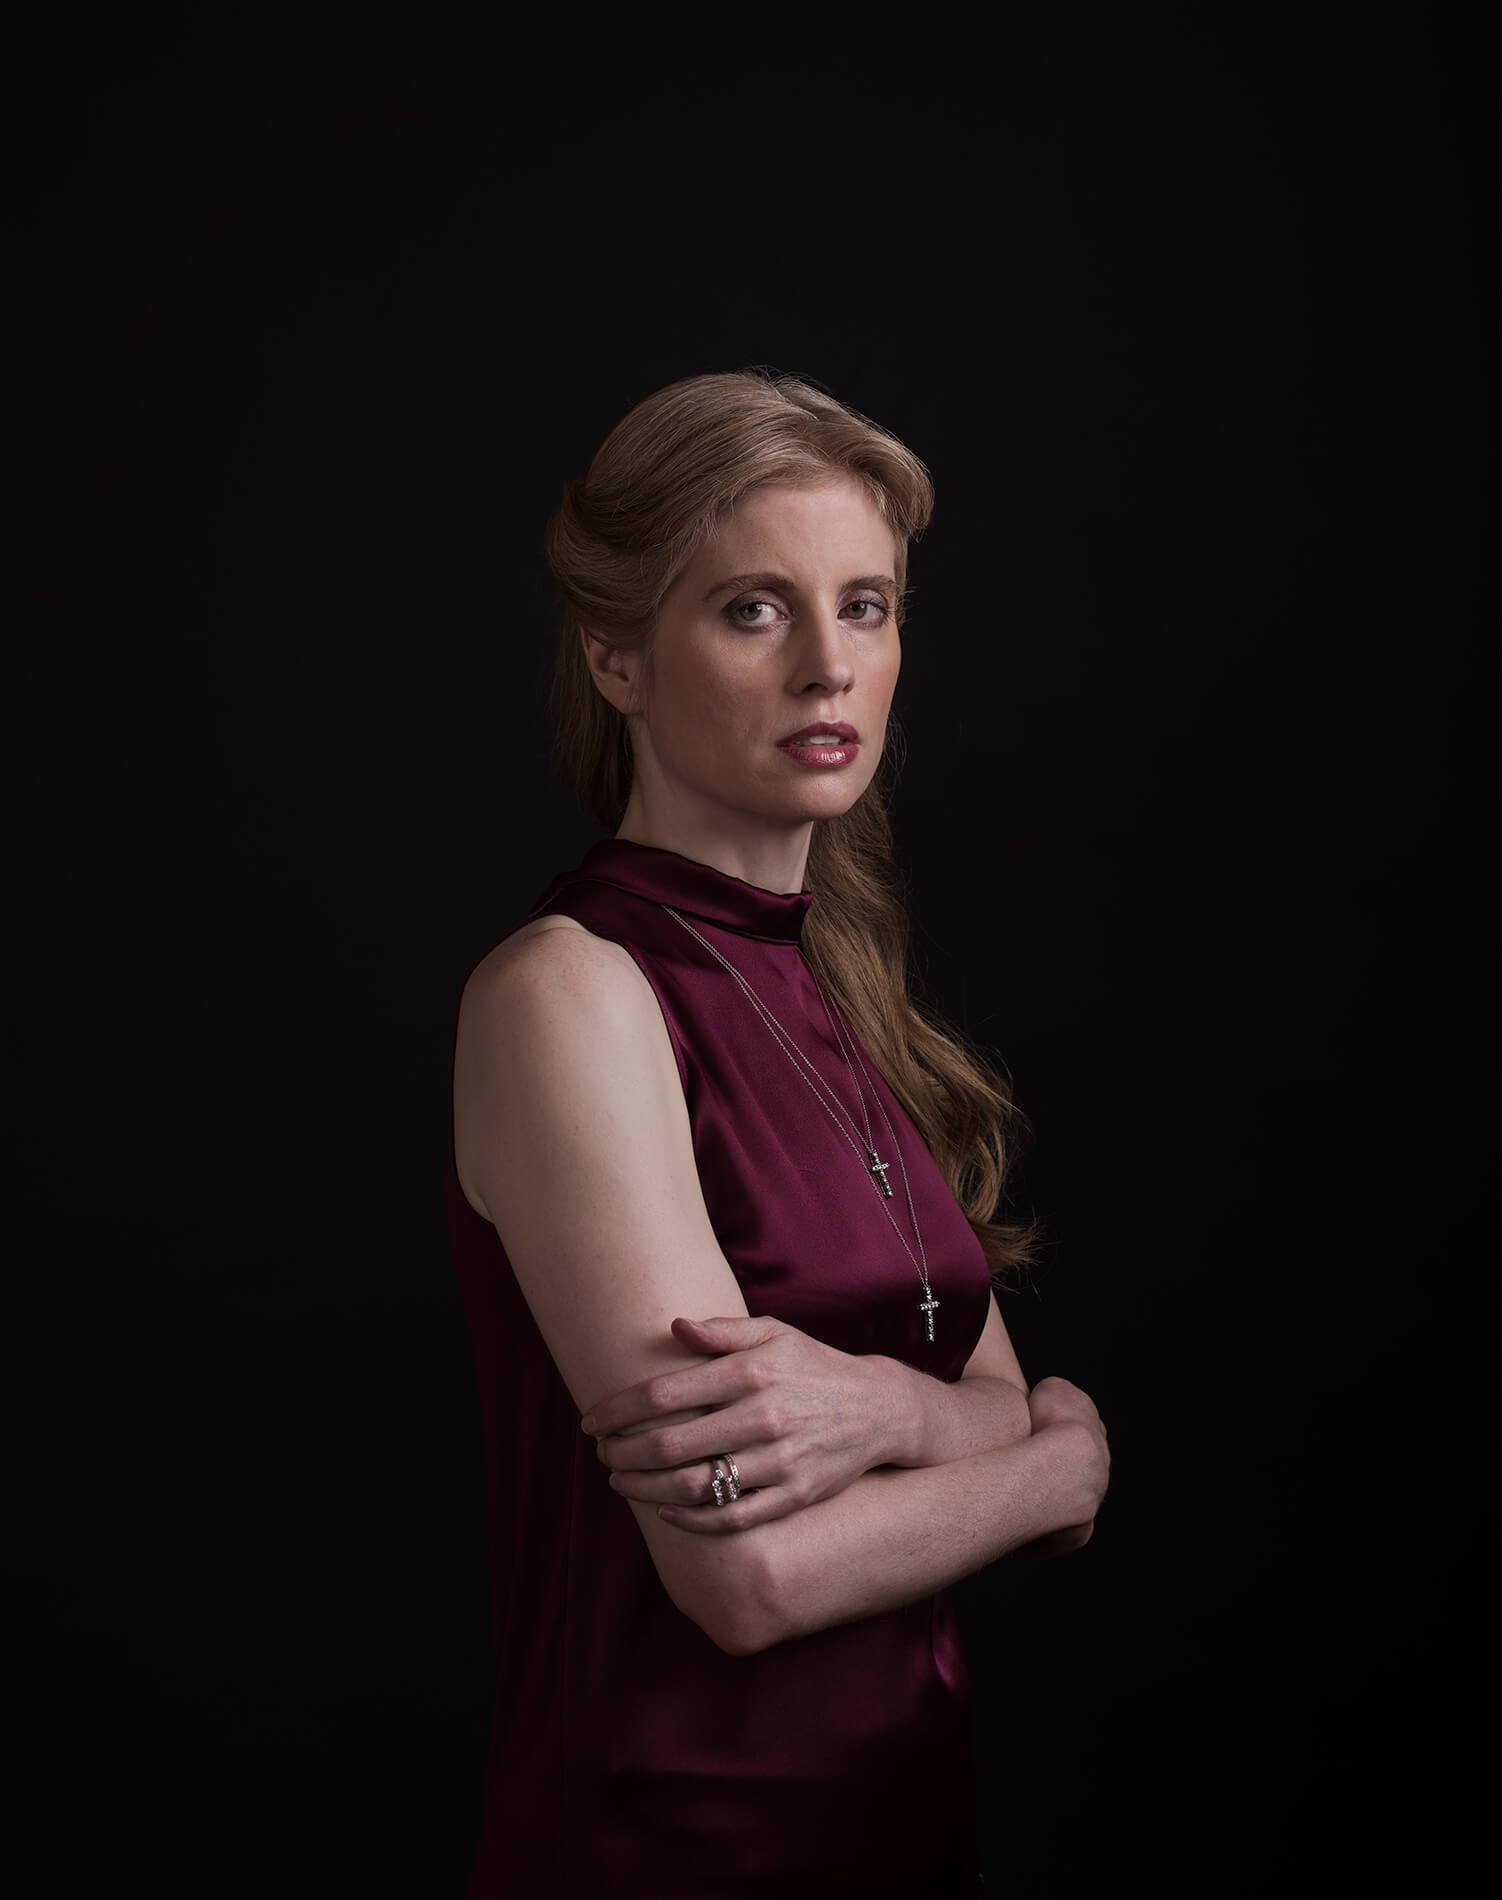 Philanthropist Laura Arrillaga Andreessen